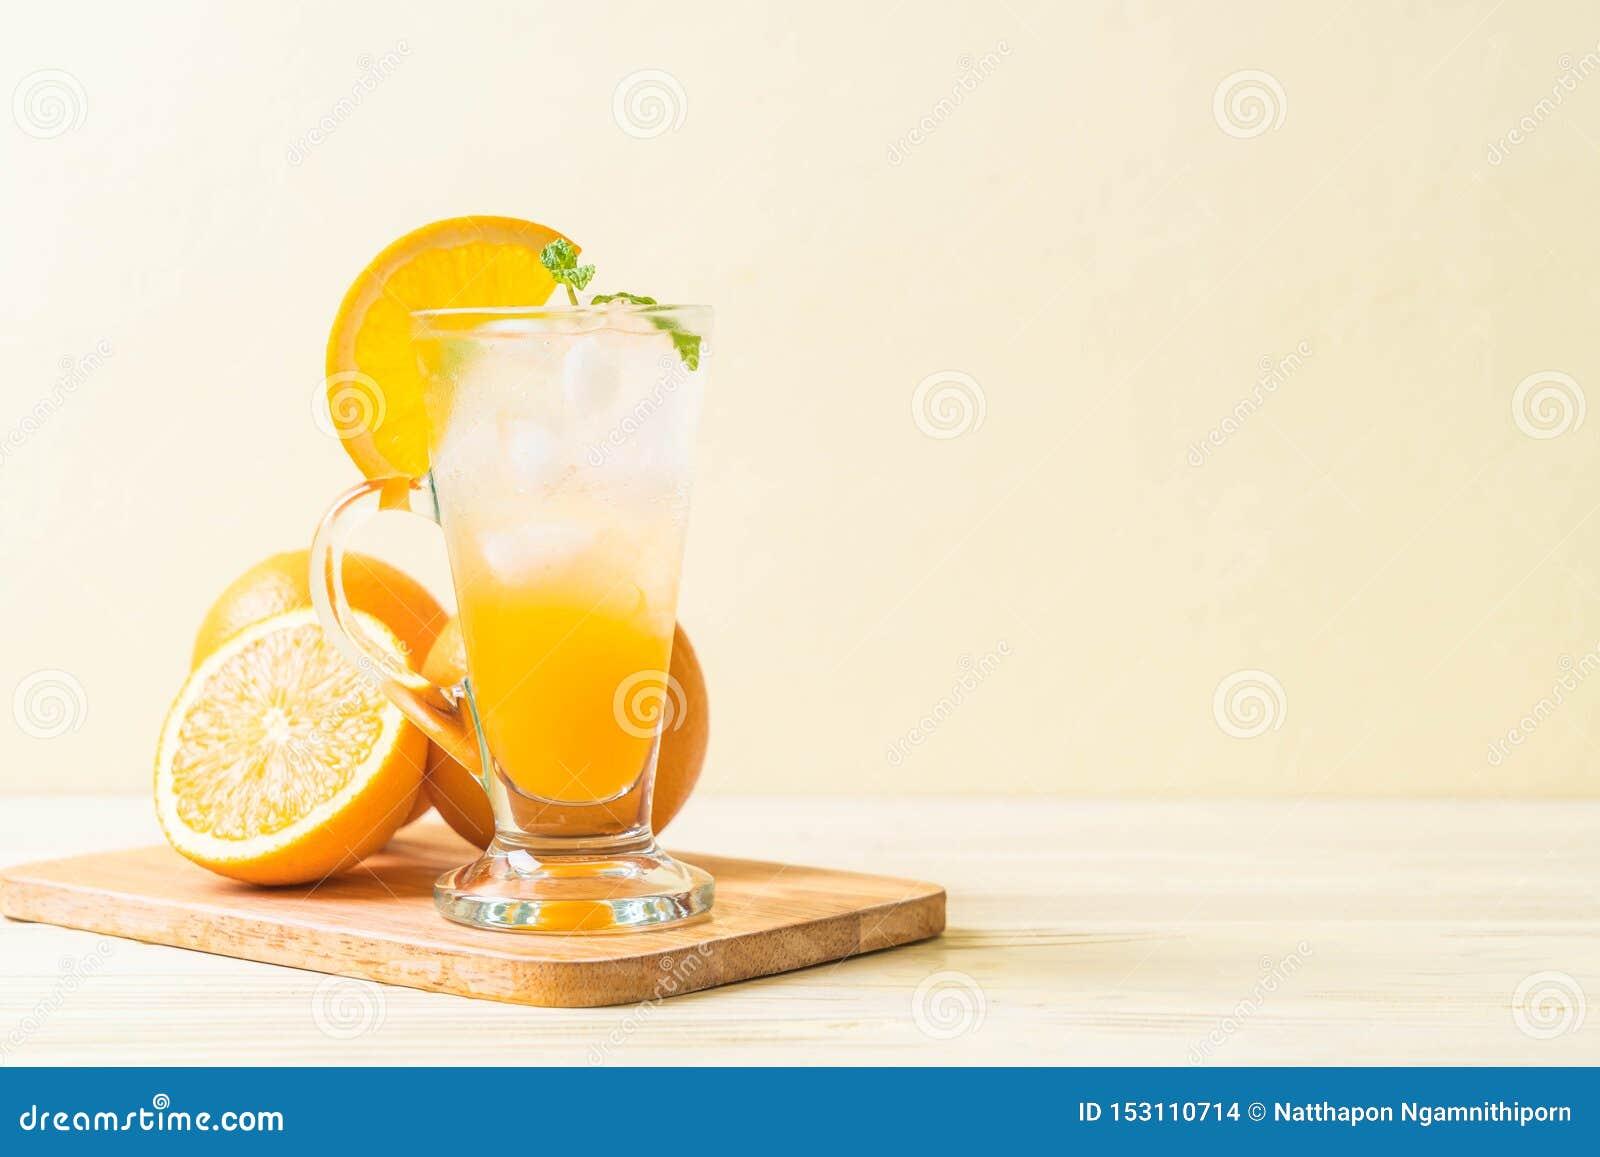 Orangensaft mit Soda